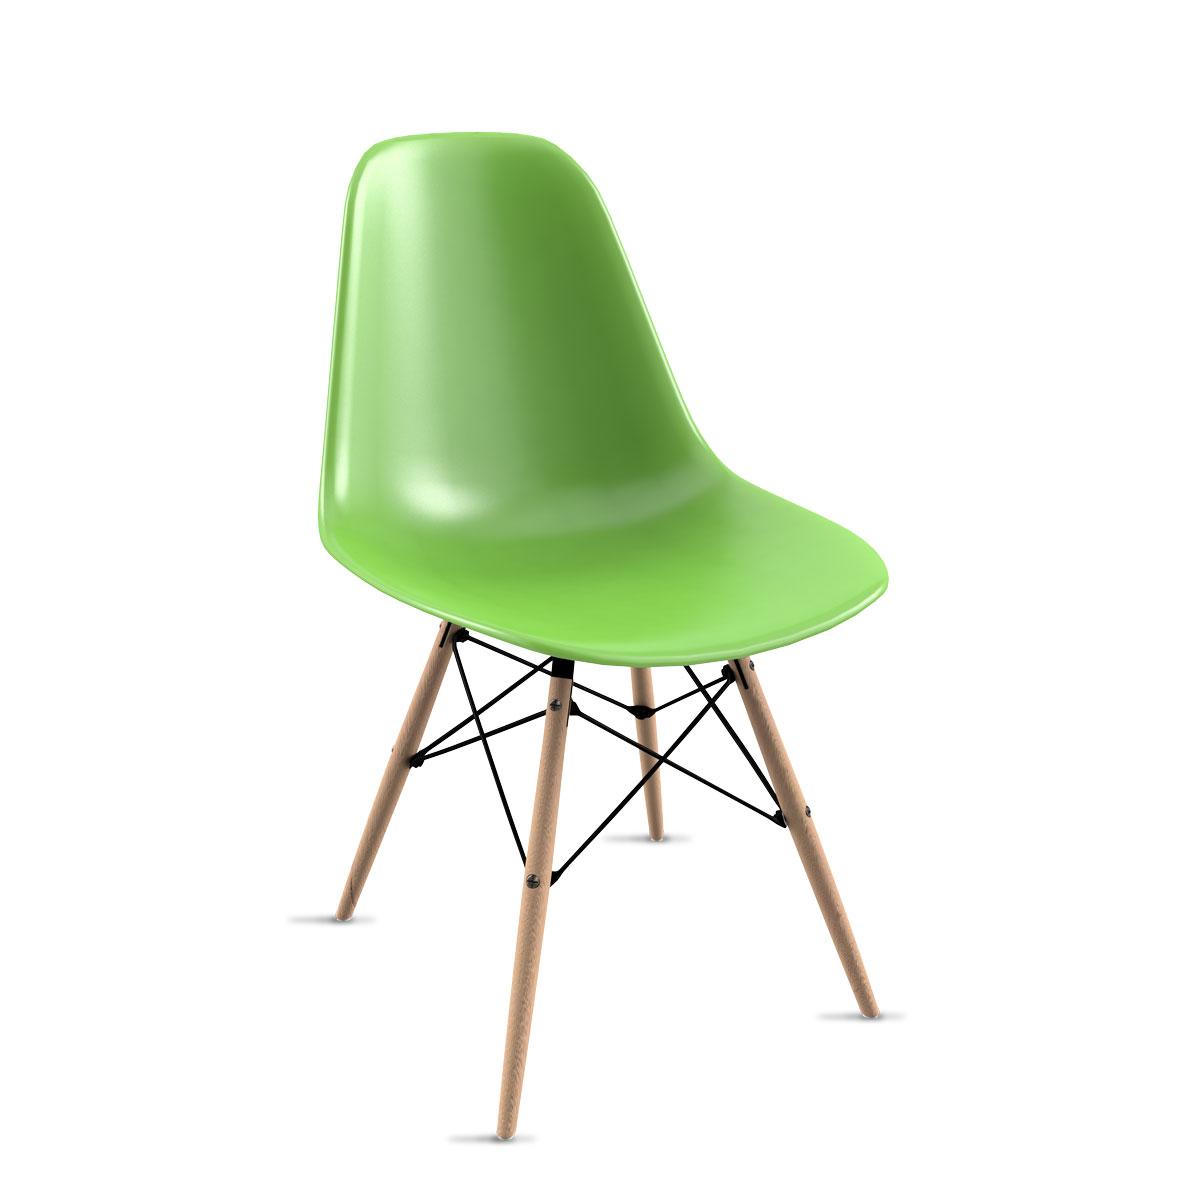 Silla Eames Verde